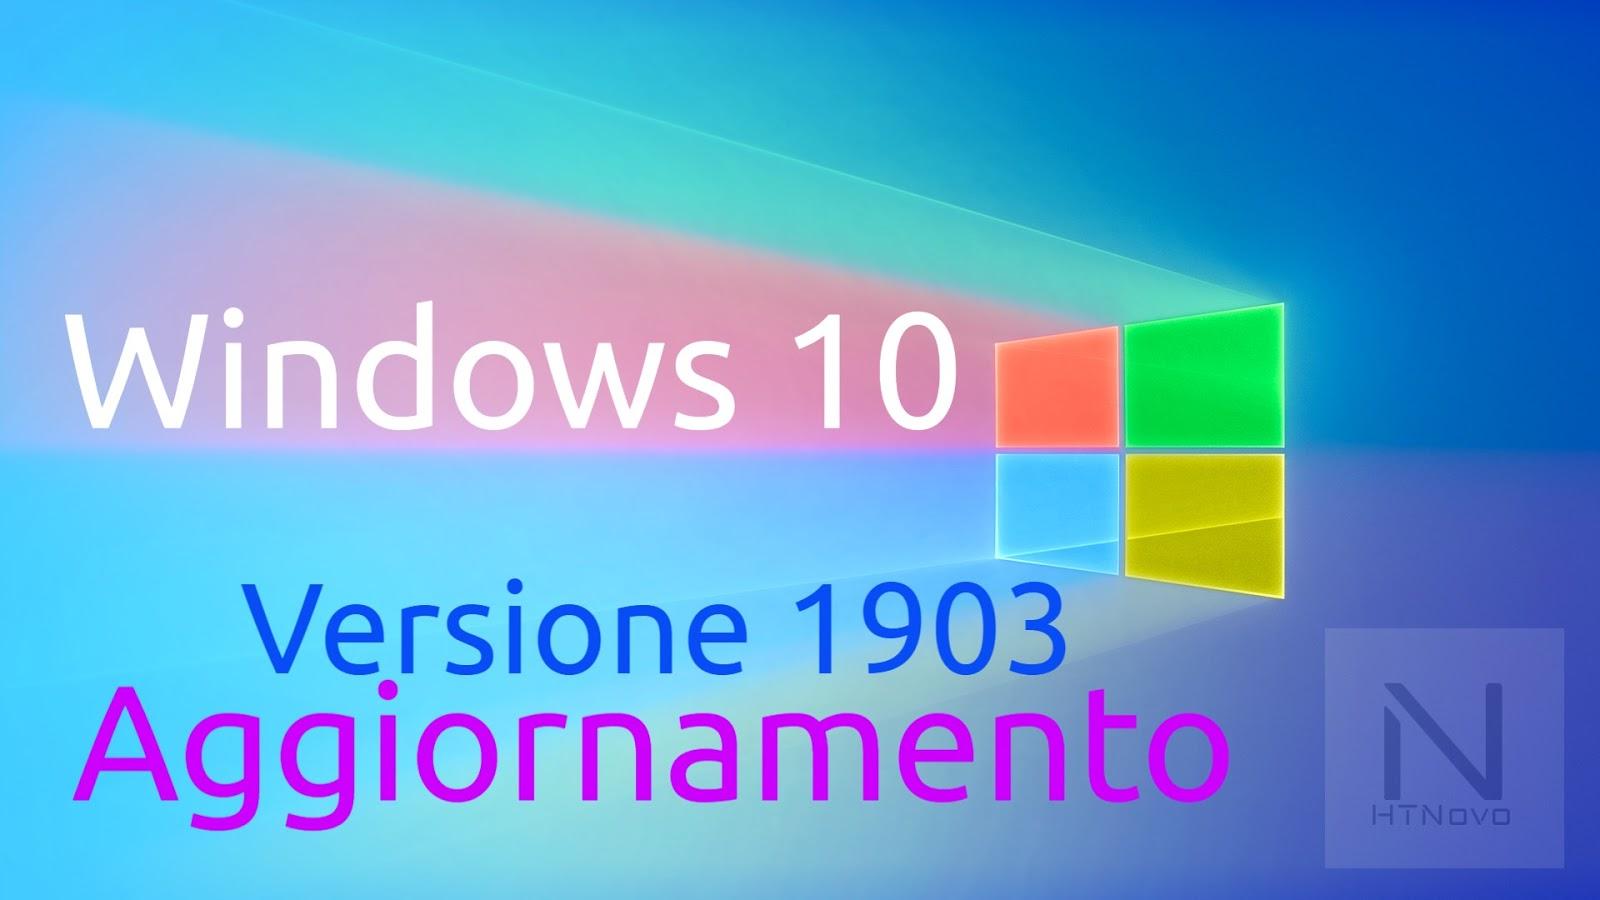 Aggiornamento-Windows-10-versione-1903-18362.145